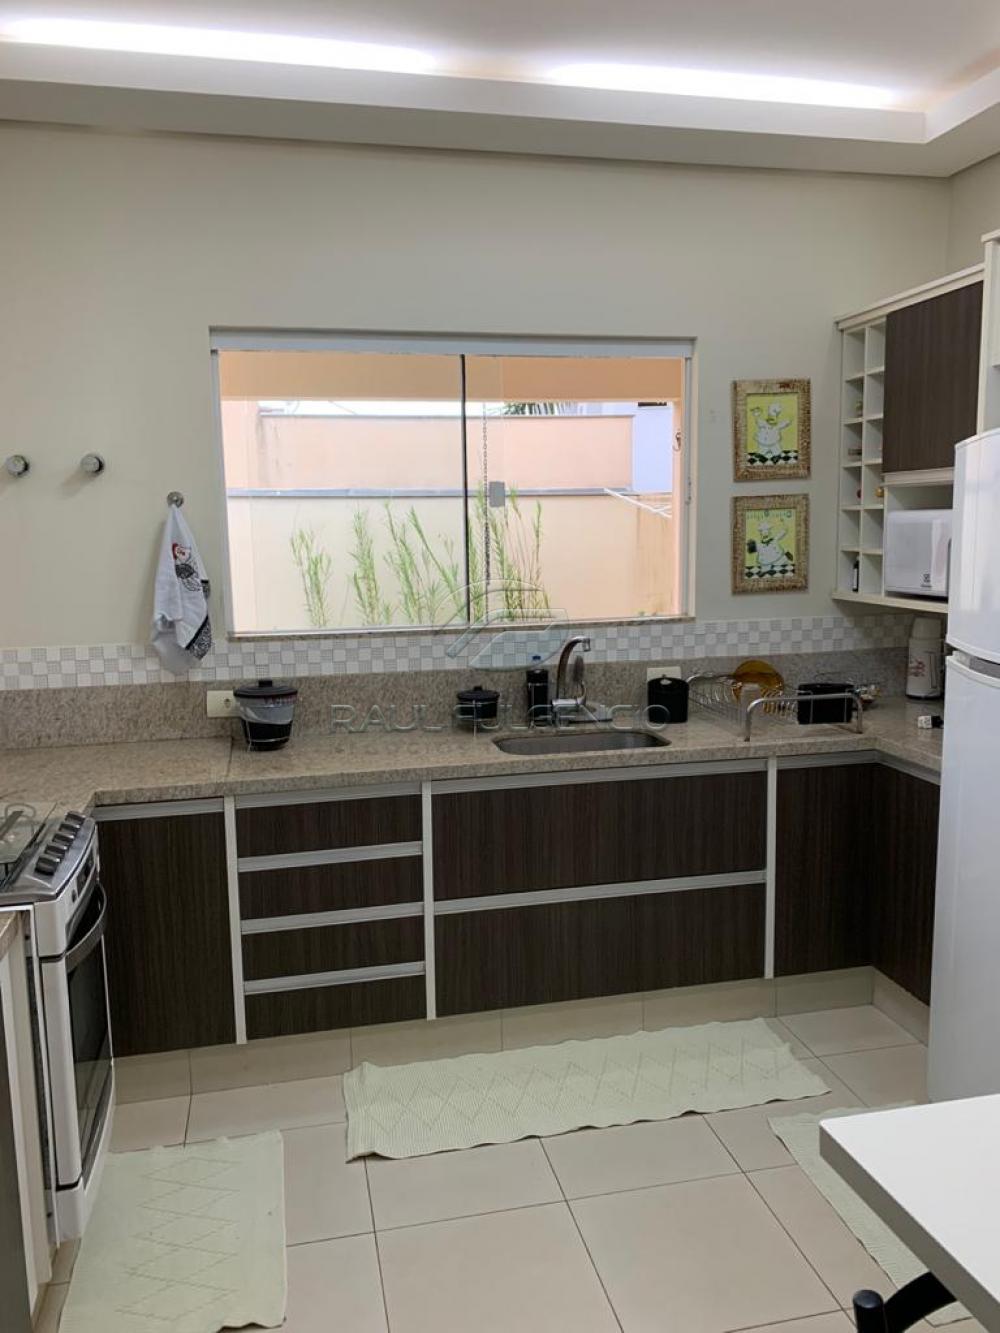 Comprar Casa / Condomínio Sobrado em Londrina apenas R$ 840.000,00 - Foto 4